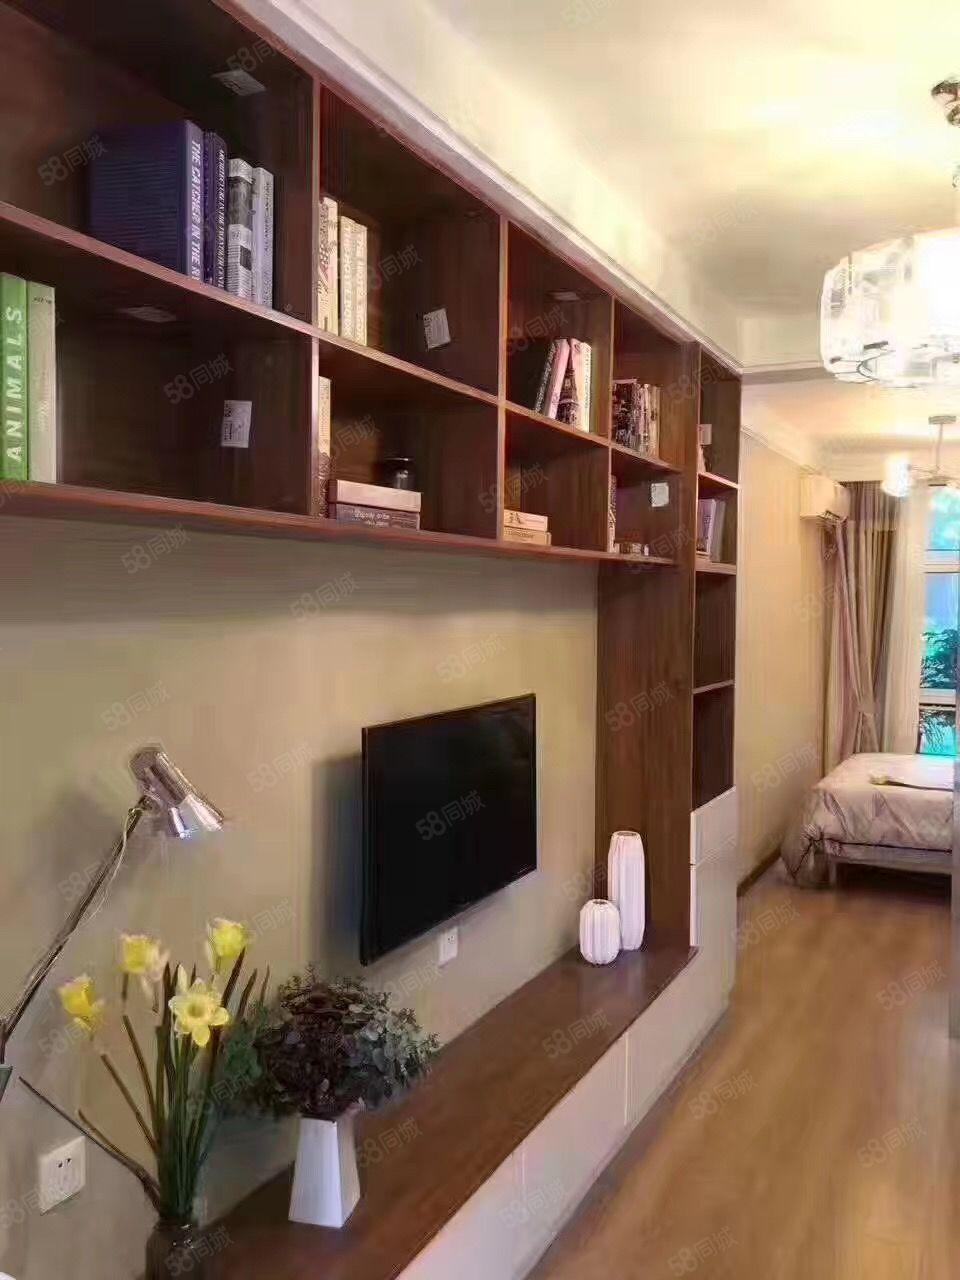 金二环24万买简单装修两房均价3000现房双气懂的来